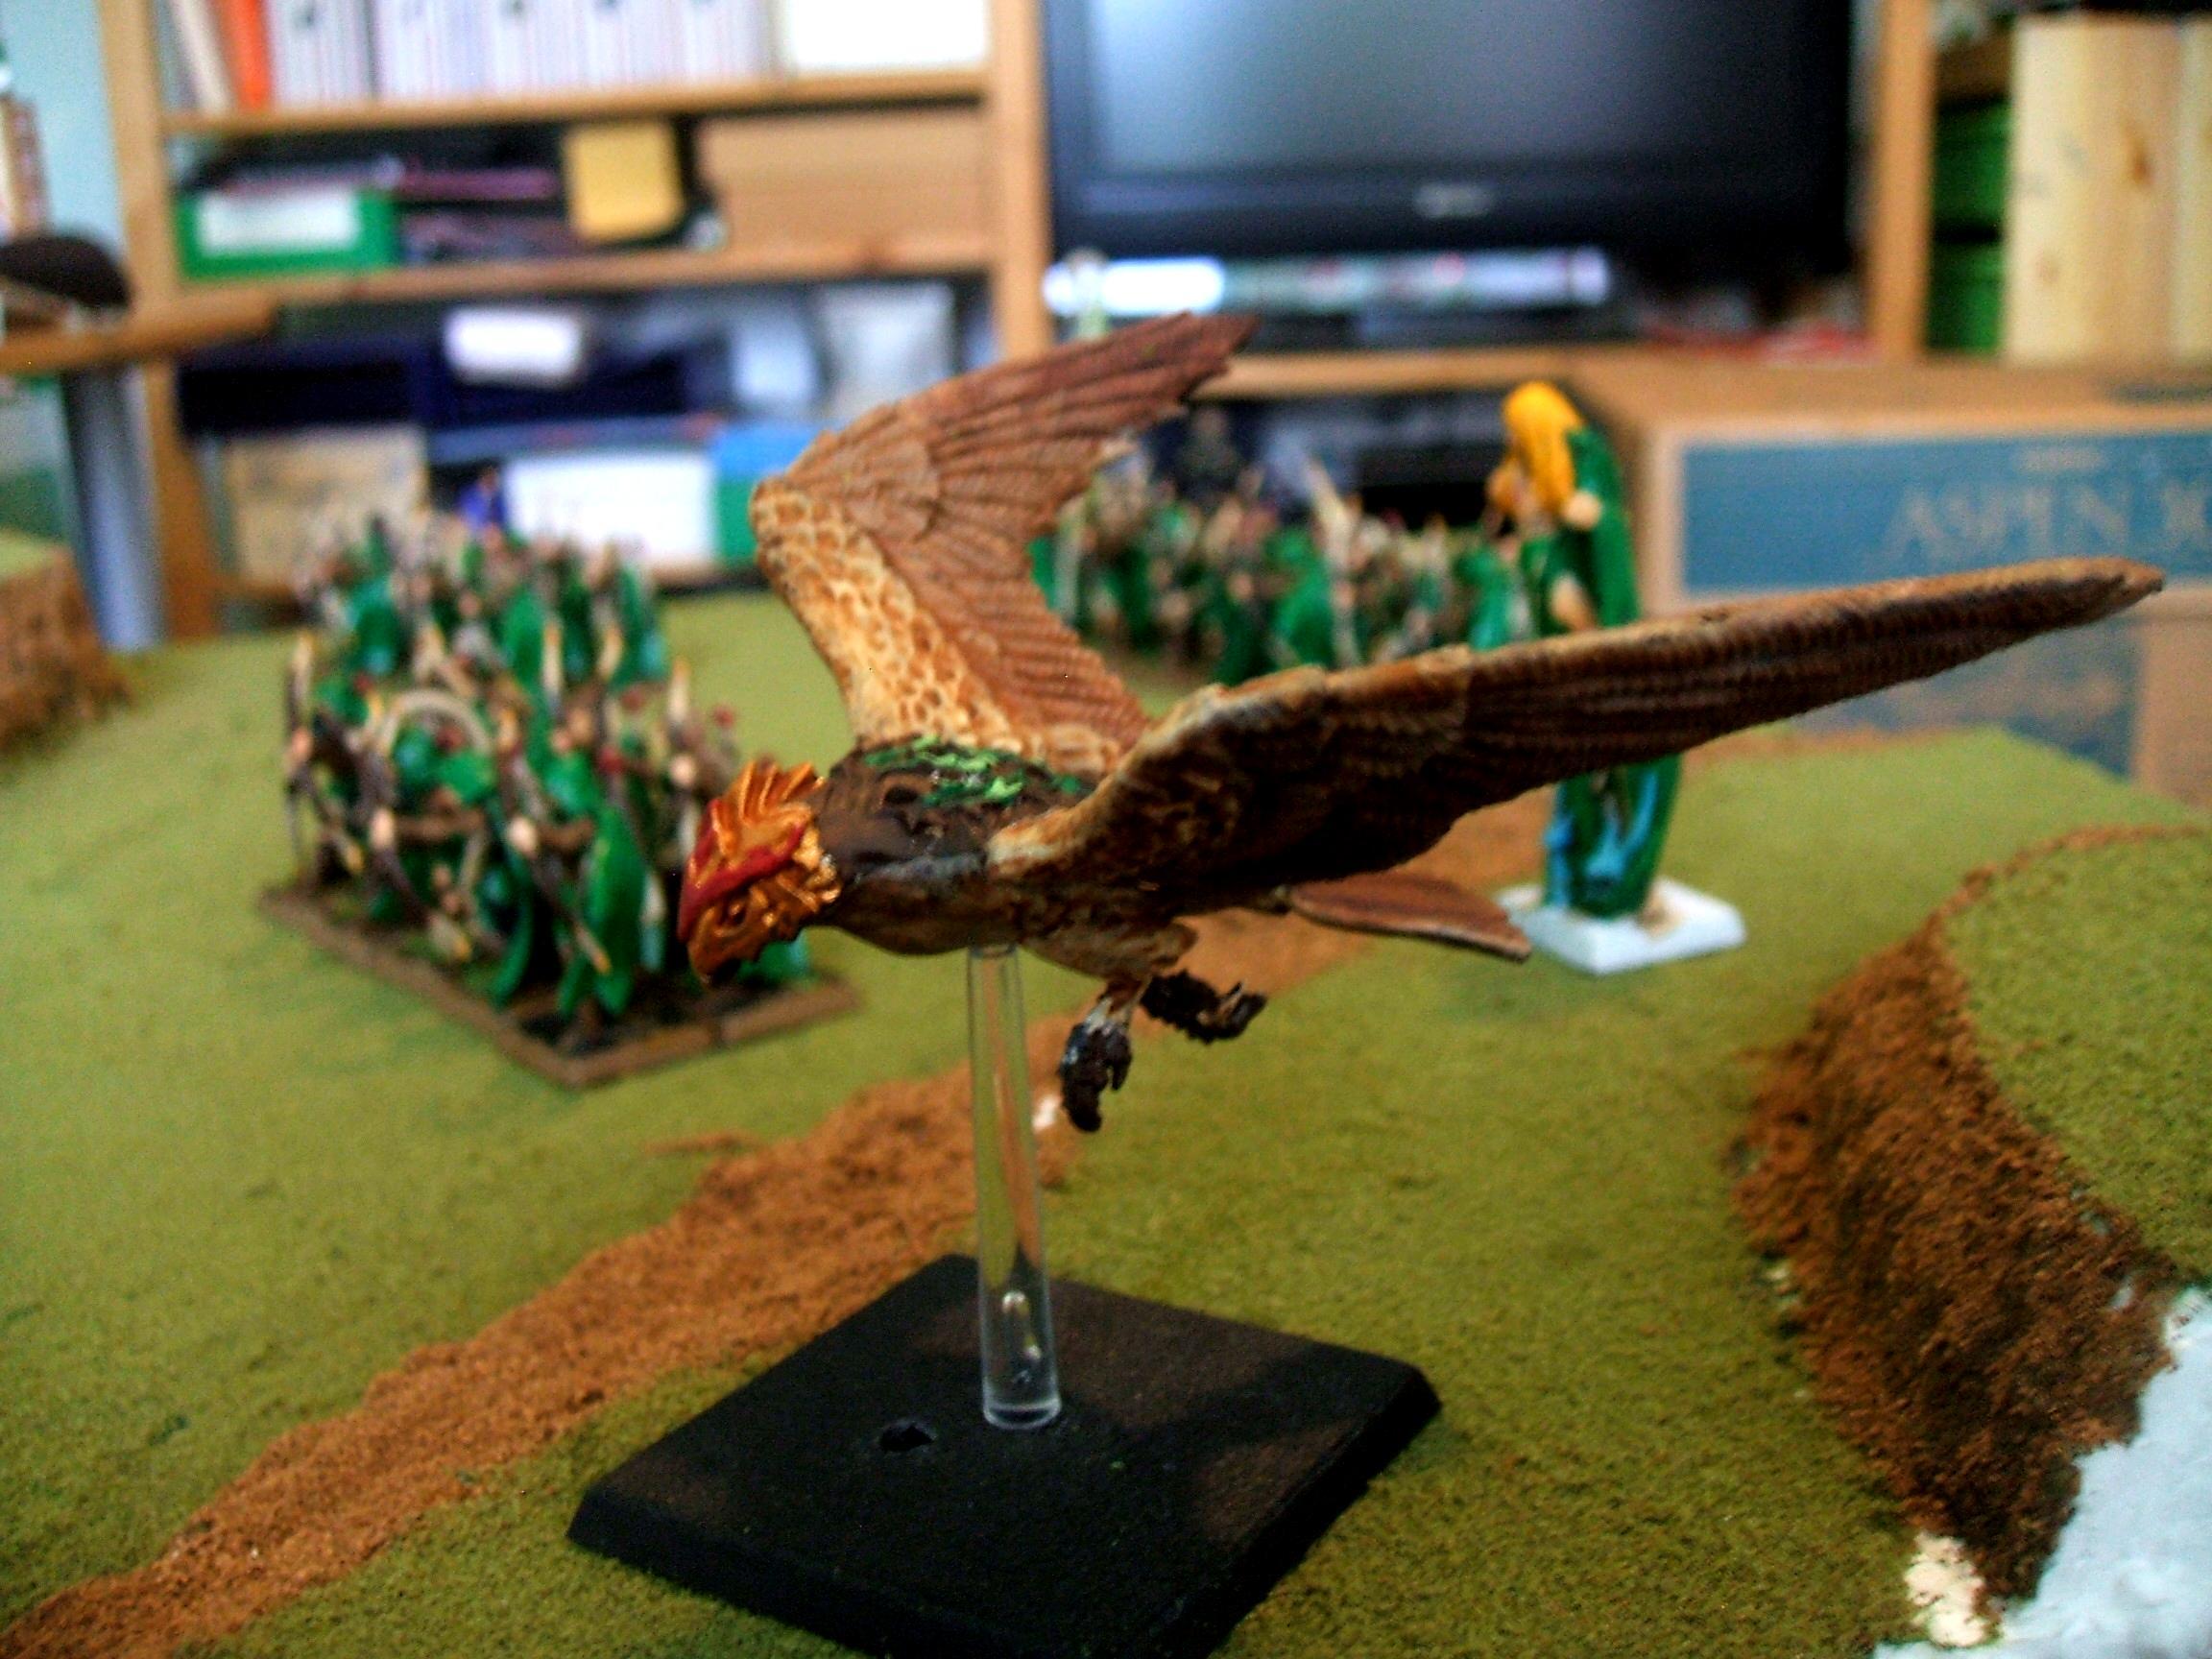 Warhawk, Great Eagle, Wood Elves, Fantasy